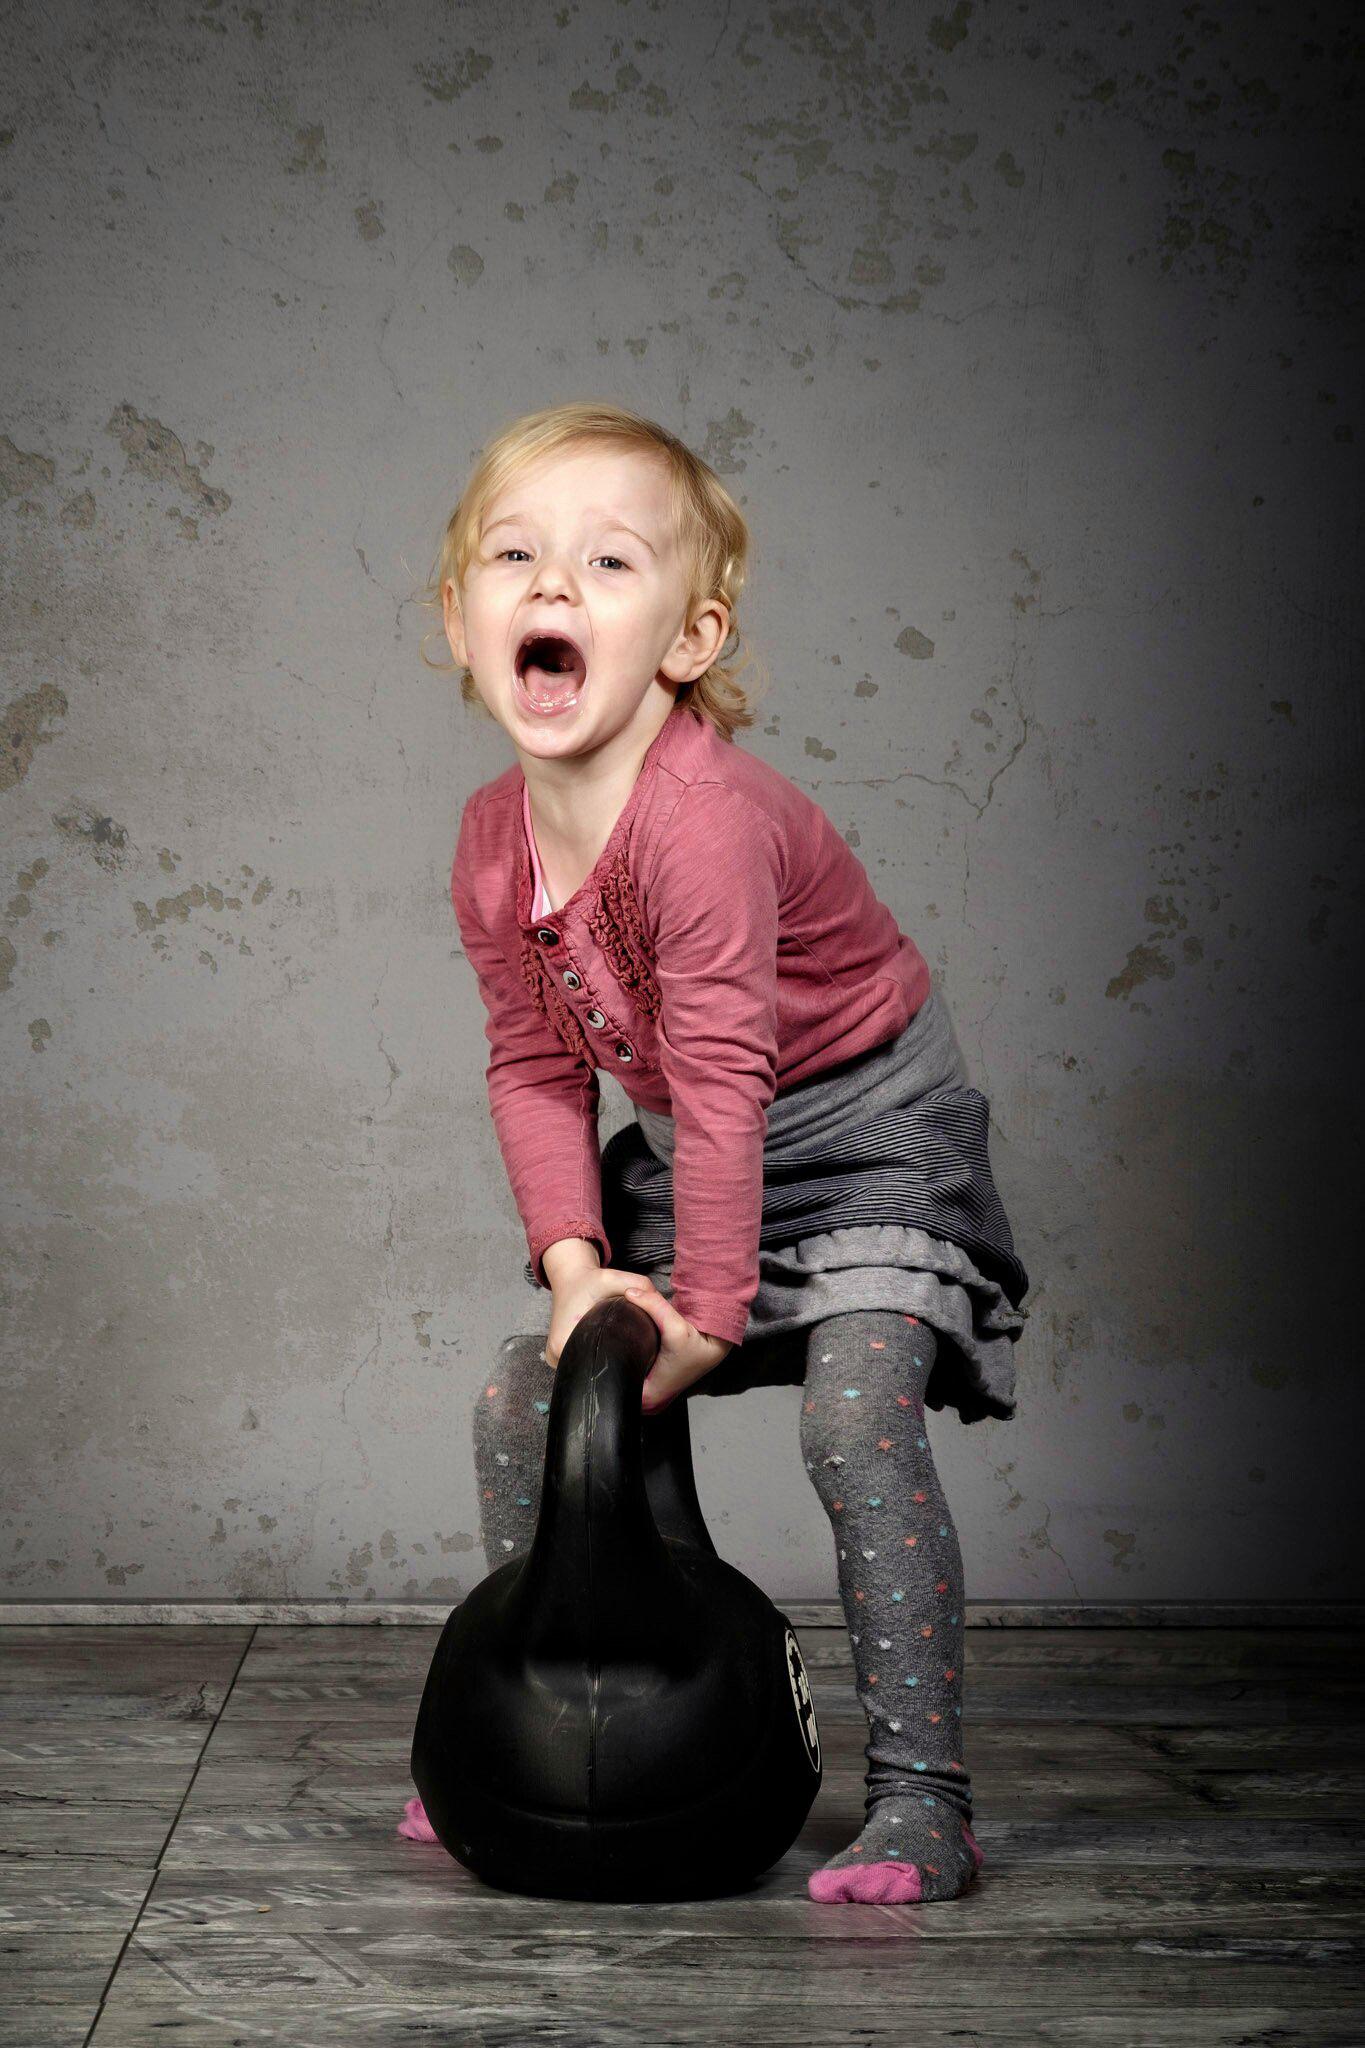 Картинки Дети девочка Крик Гиря гантелей  для мобильного телефона ребёнок Девочки кричат кричит Гантели гантель гантеля гантелями